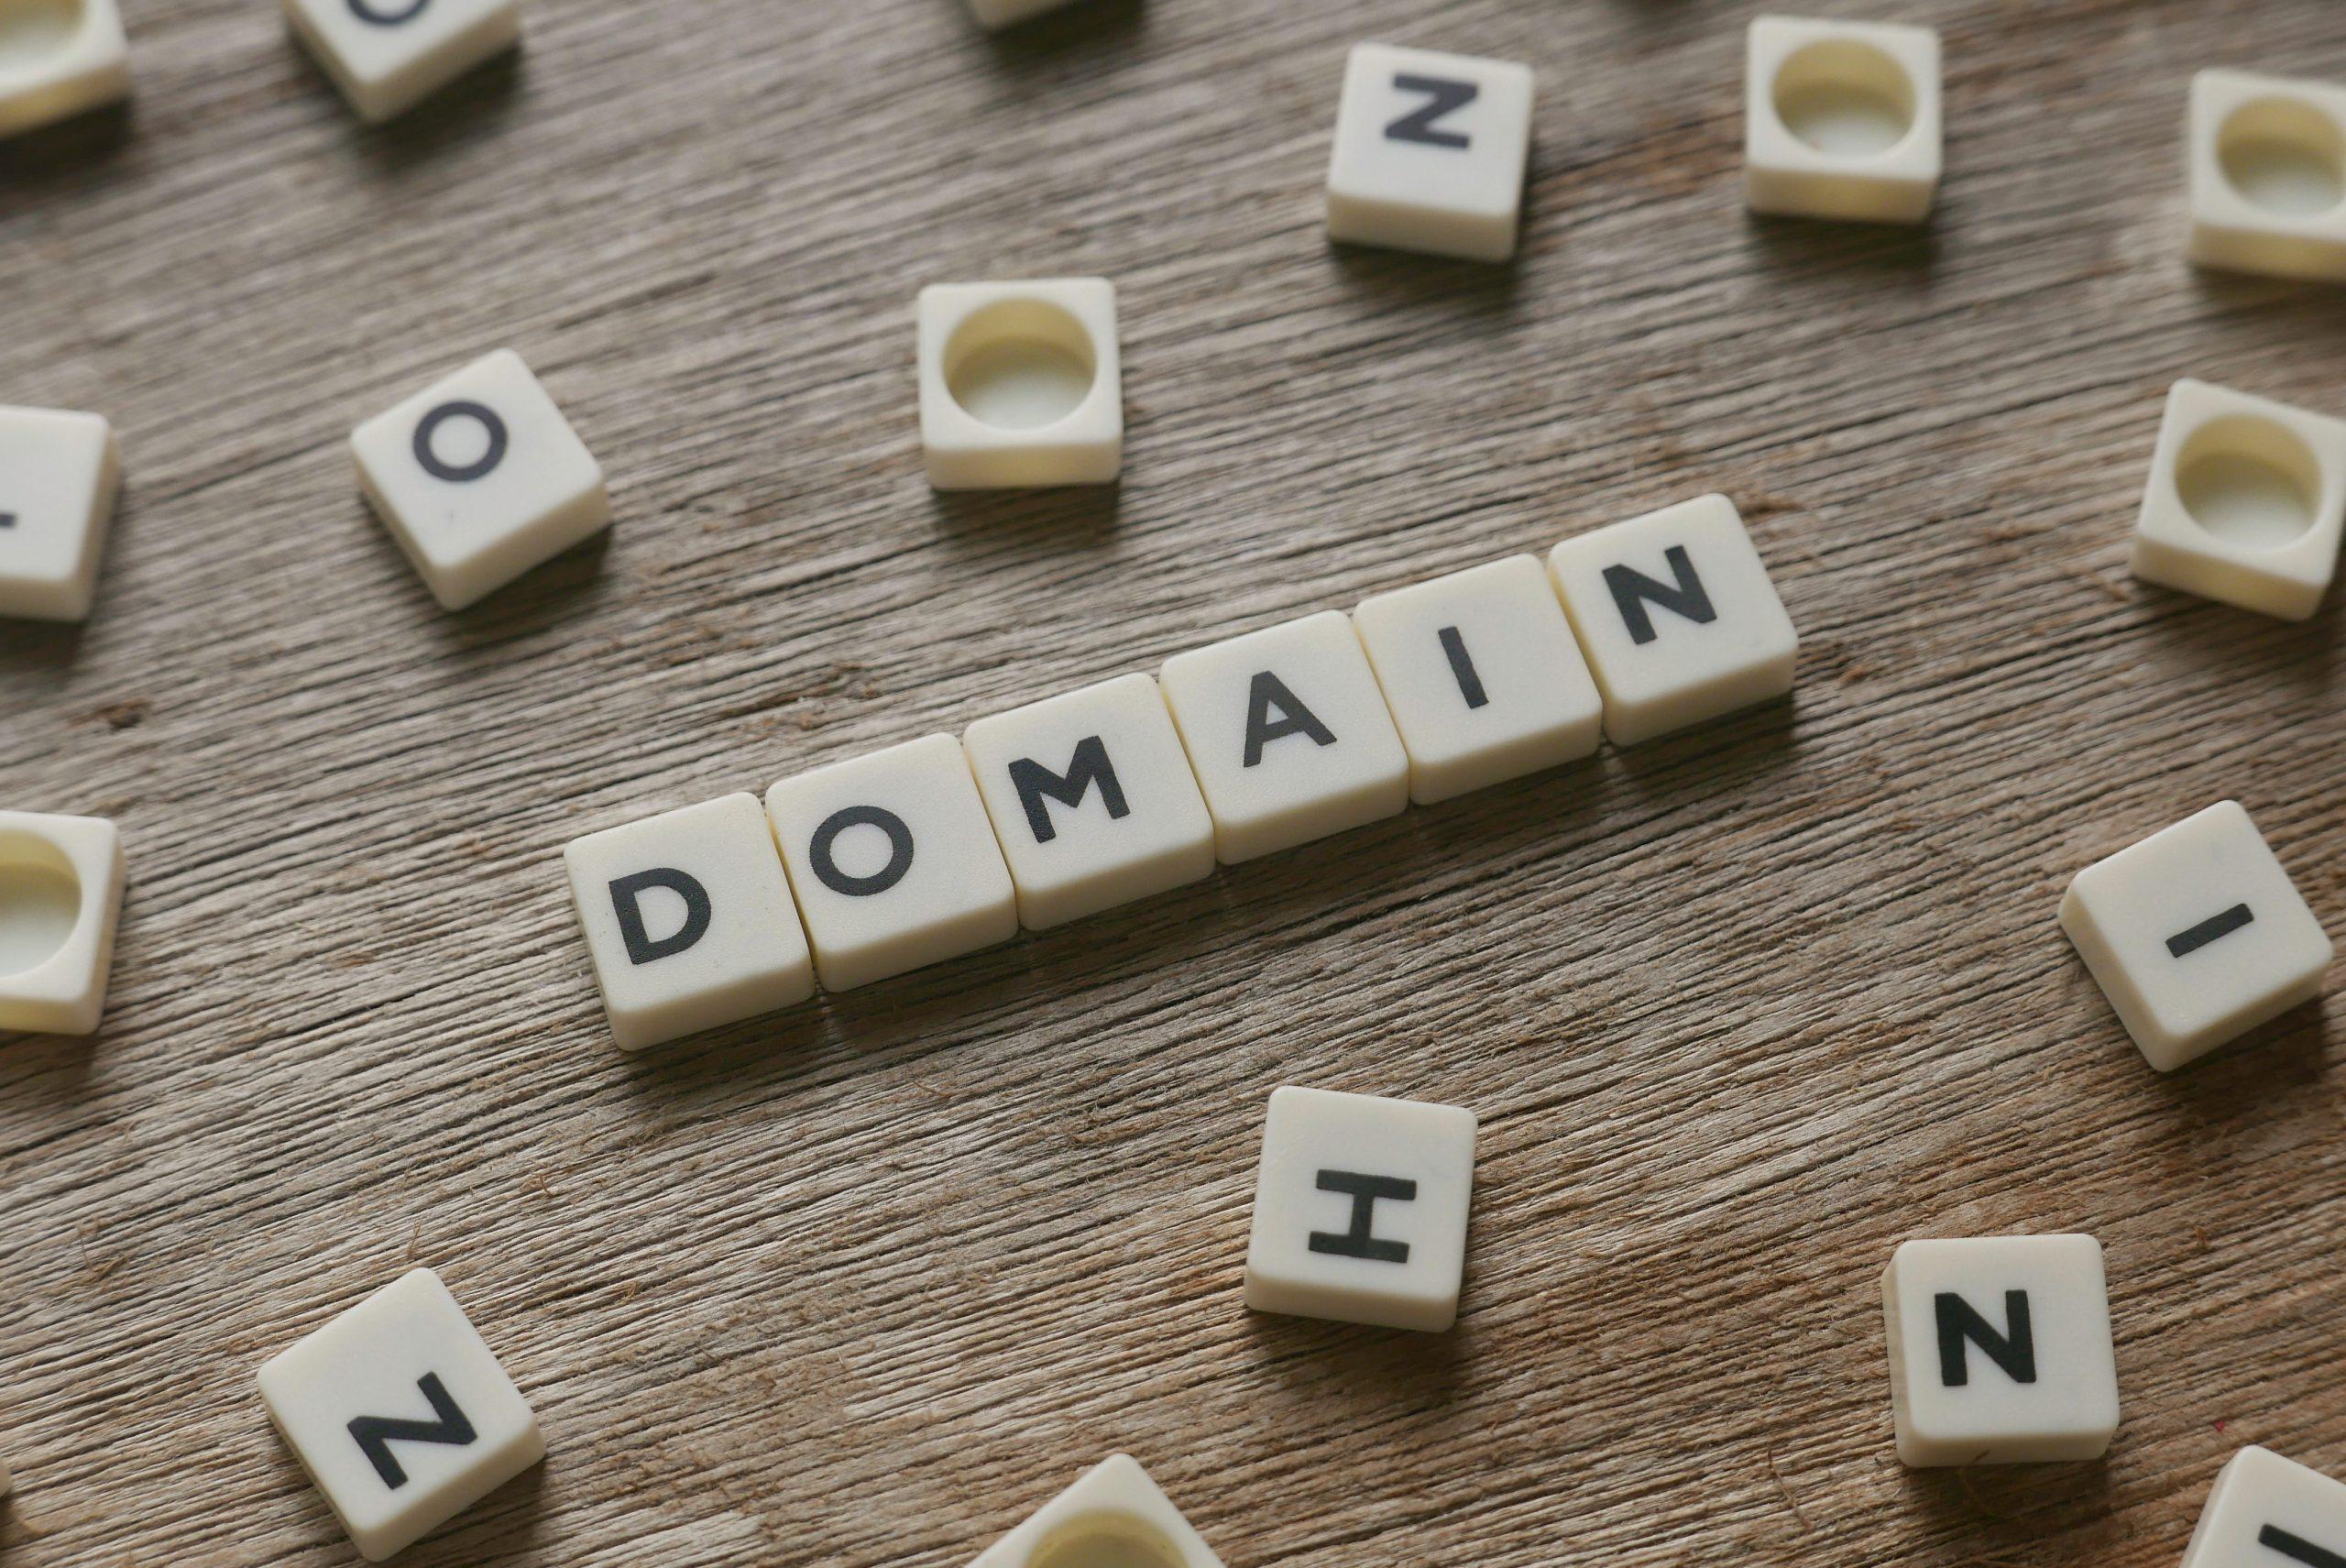 """Imagen de la palabra """"domain"""" dominio en inglés, en relación al alojamiento web o hosting"""